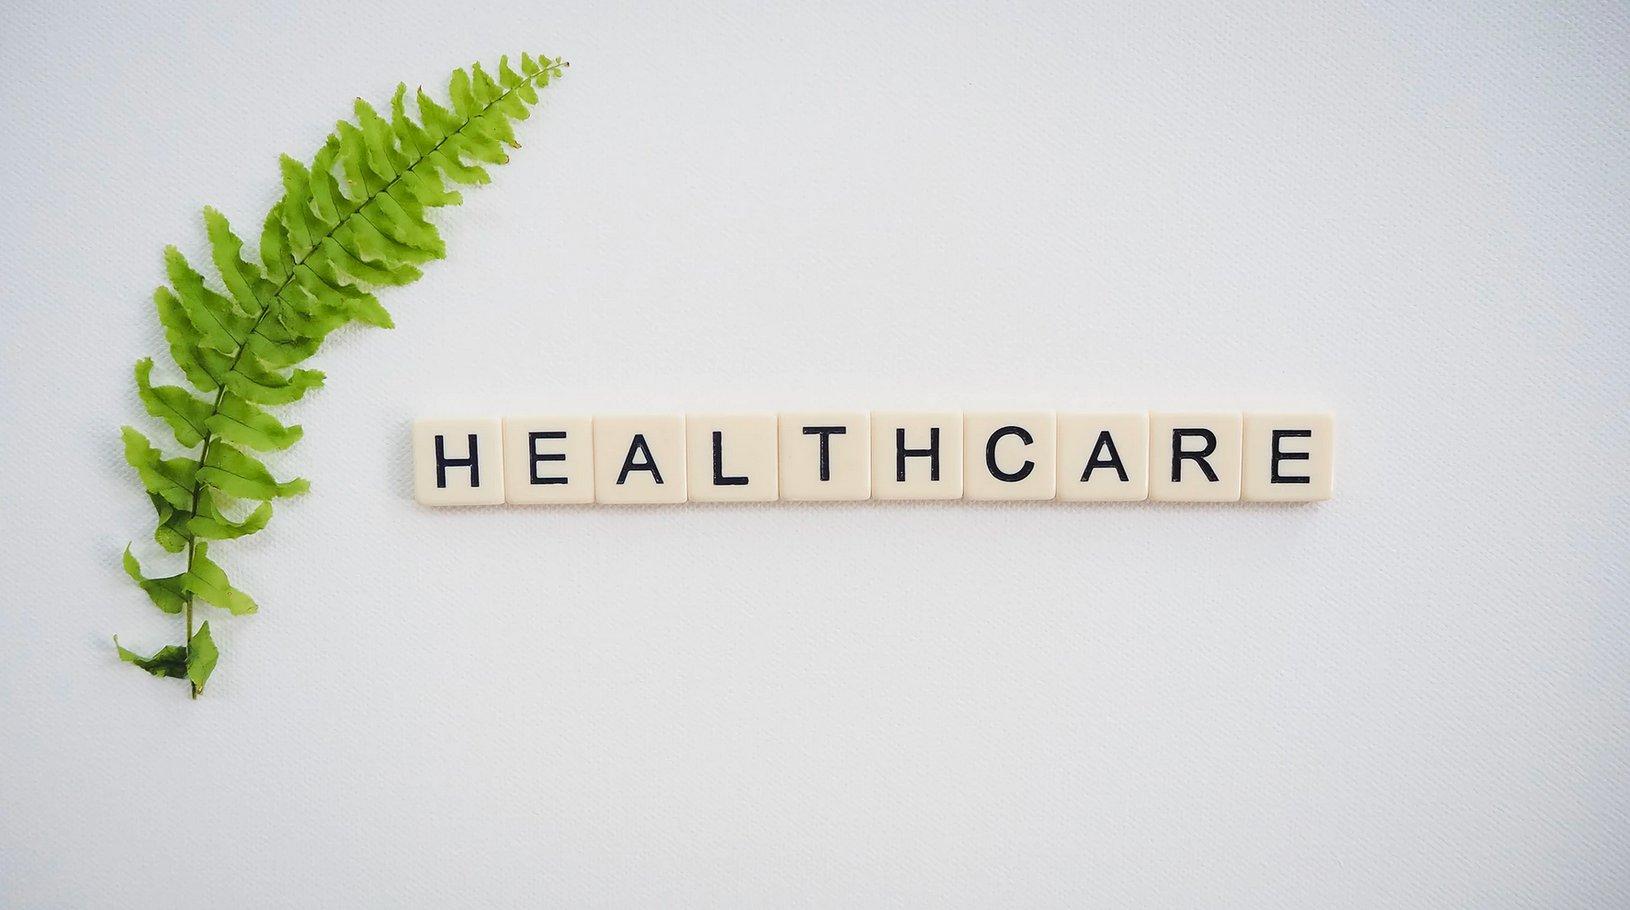 Healthcare scrabble